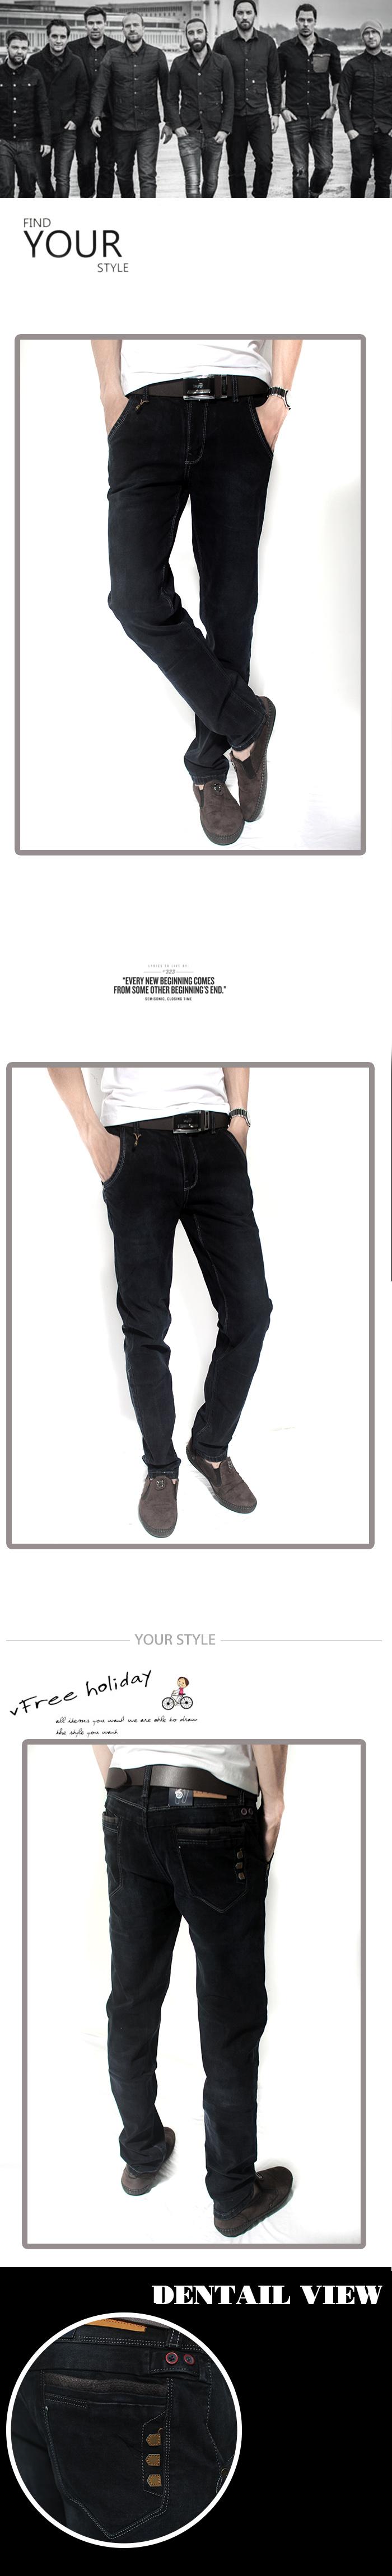 Quần jean đen qj1182 - 1